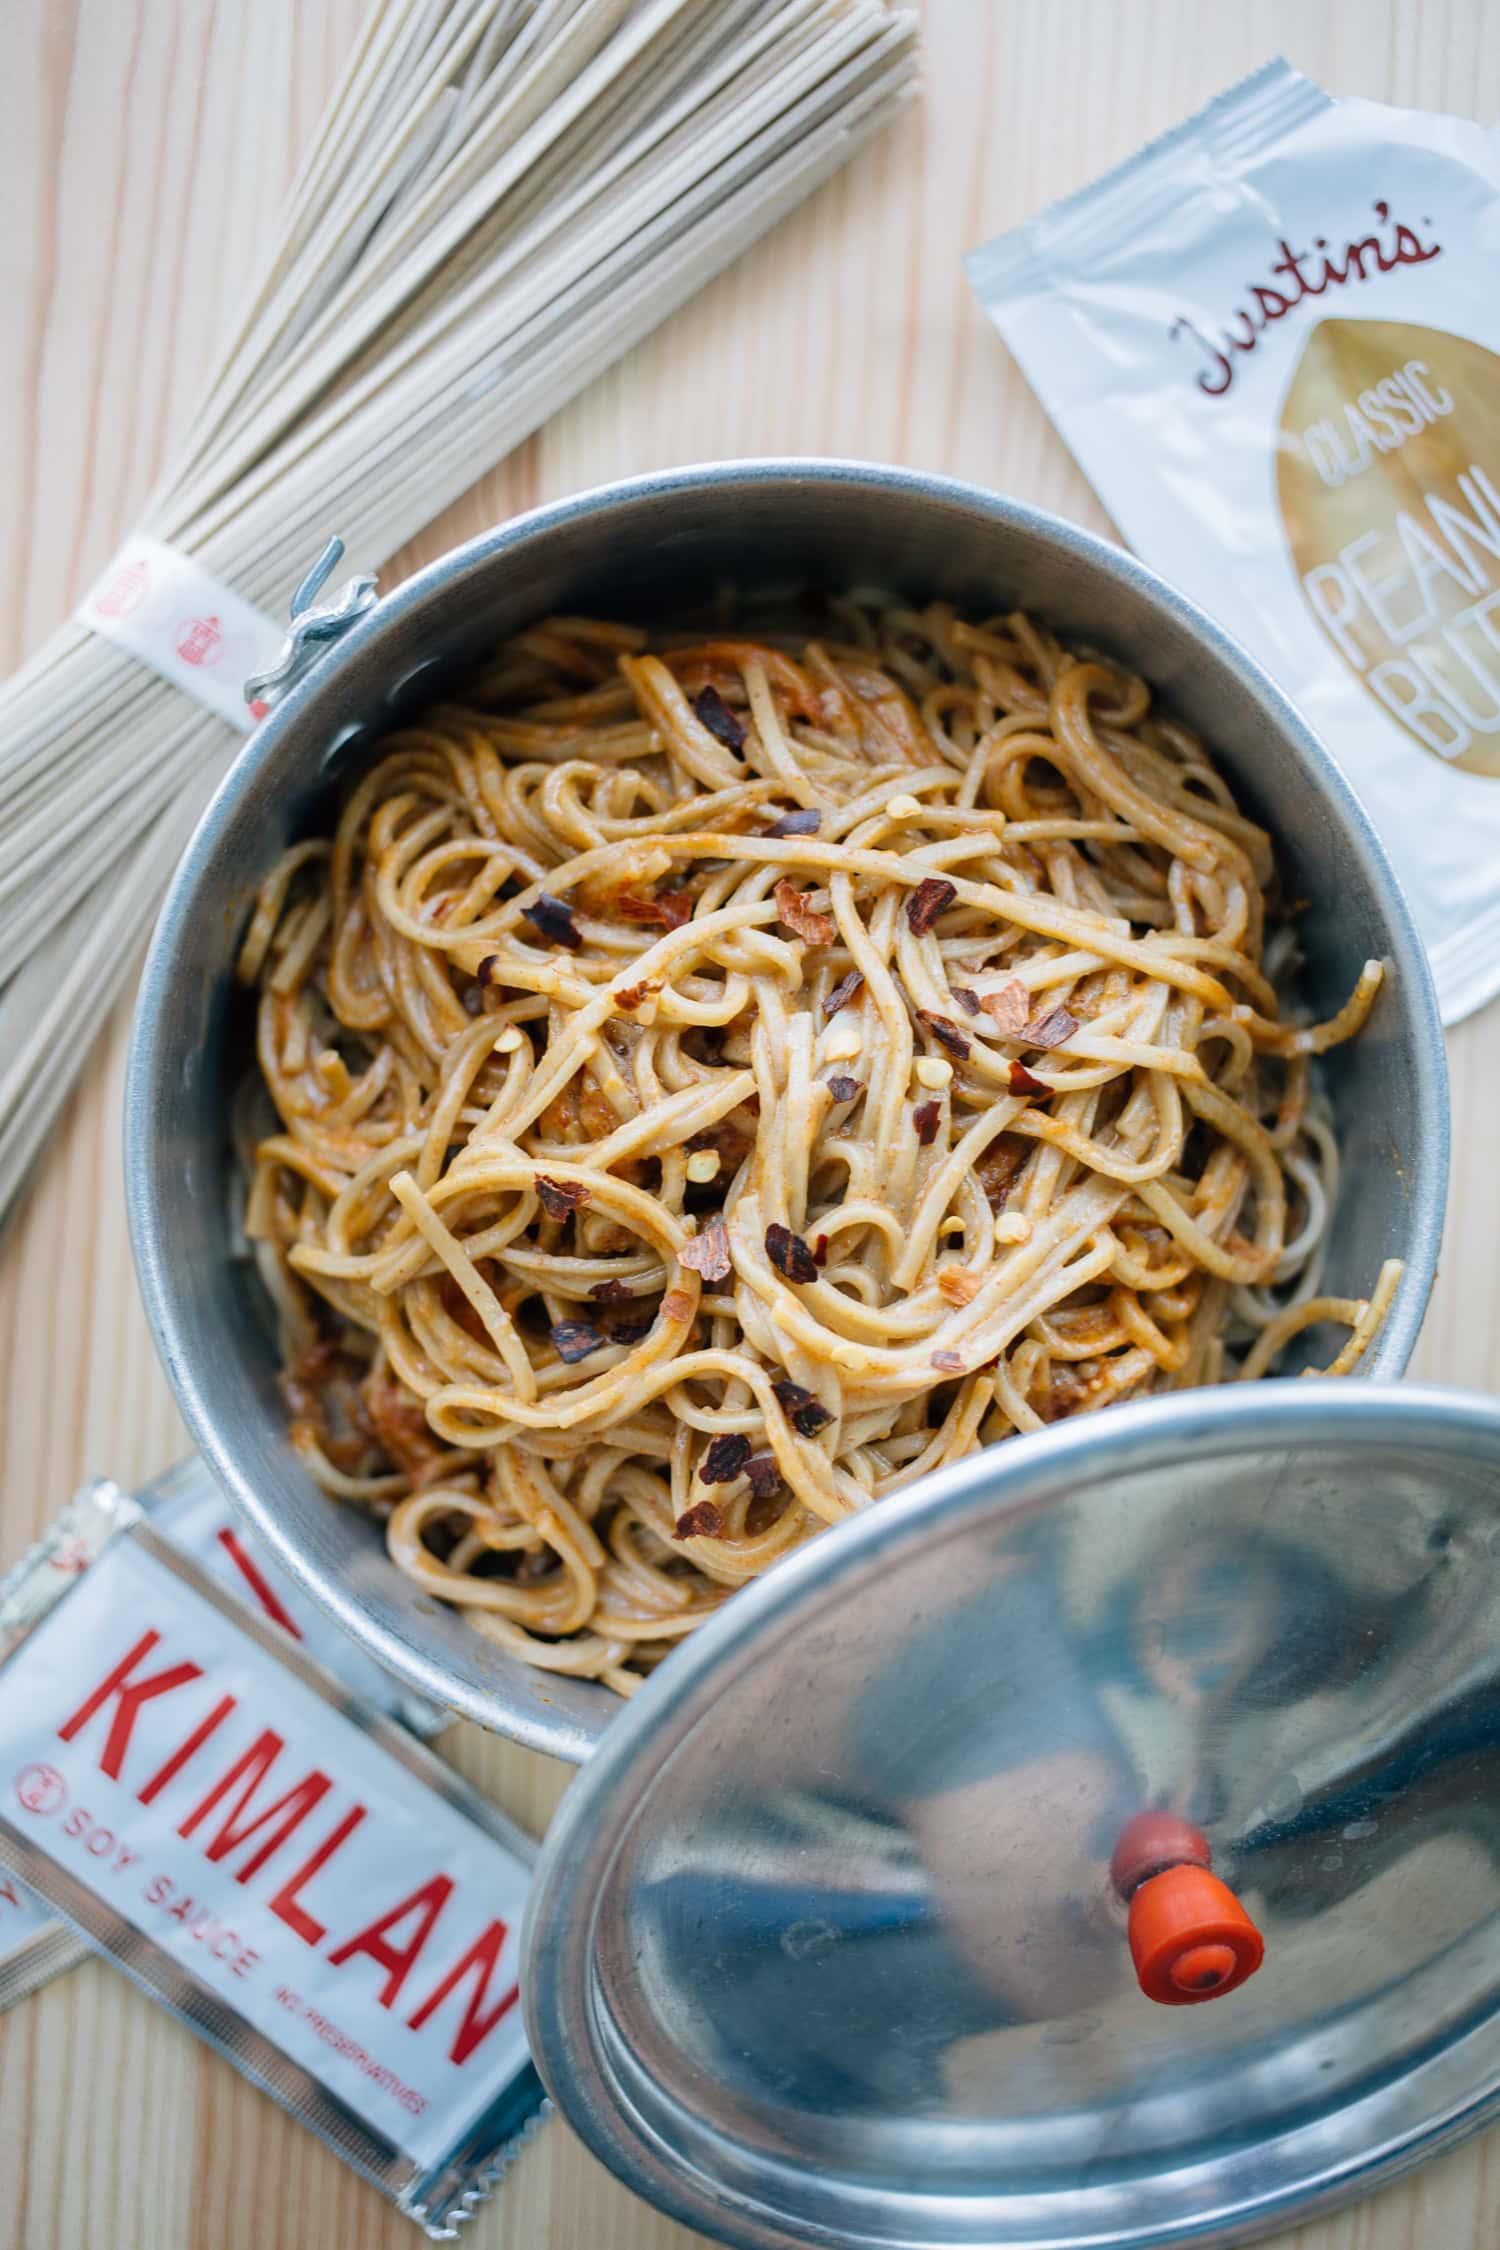 One-pot camping meals: Vegan Dan-dan noodle recipe